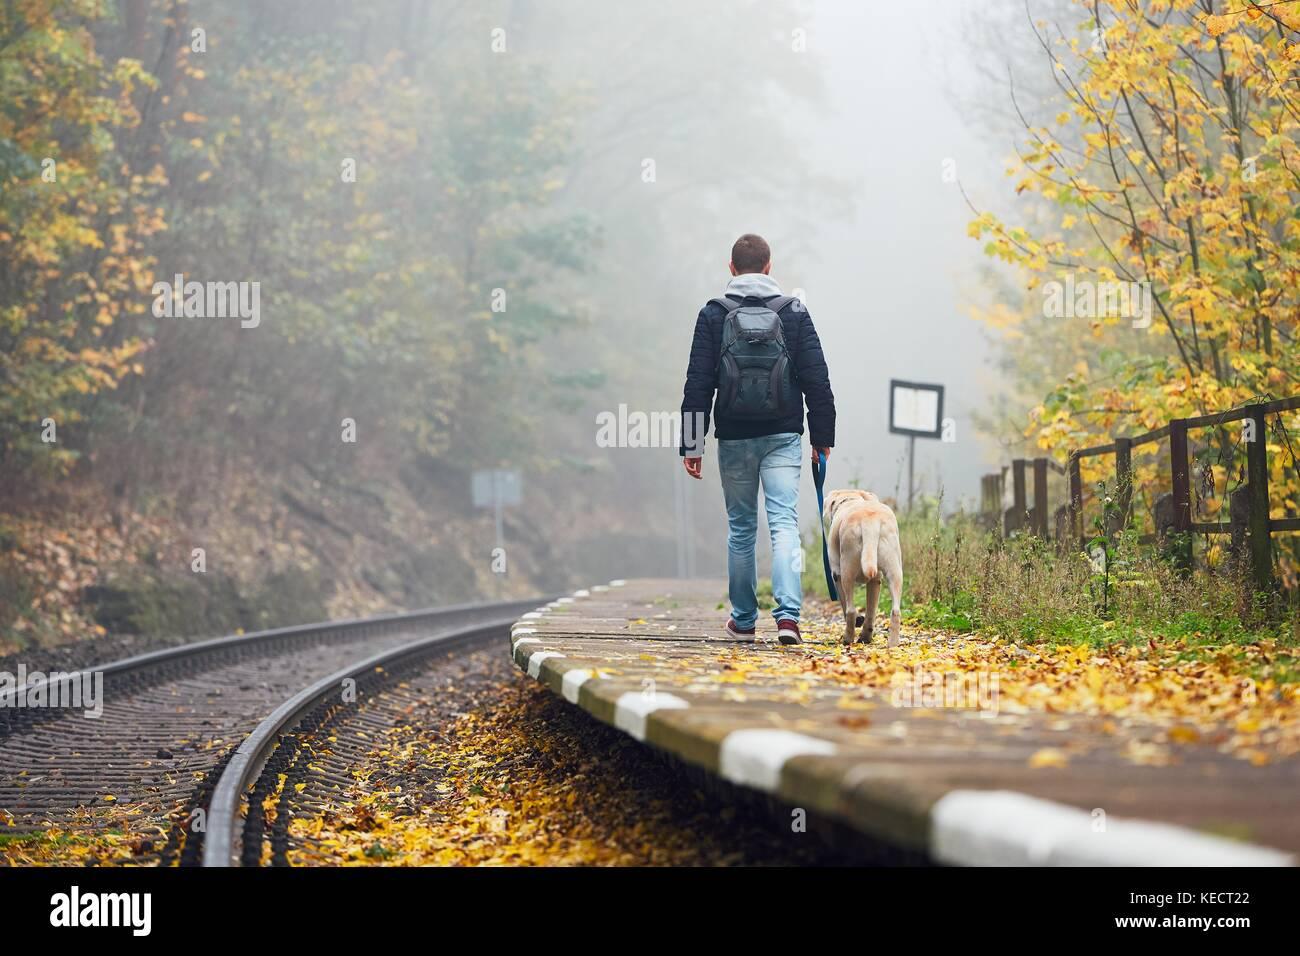 Alte Bahnhof im Nebel. herbstliche Stimmung auf dem Ausflug. junger Mann mit seinem Hund reisen mit dem Zug. Stockbild